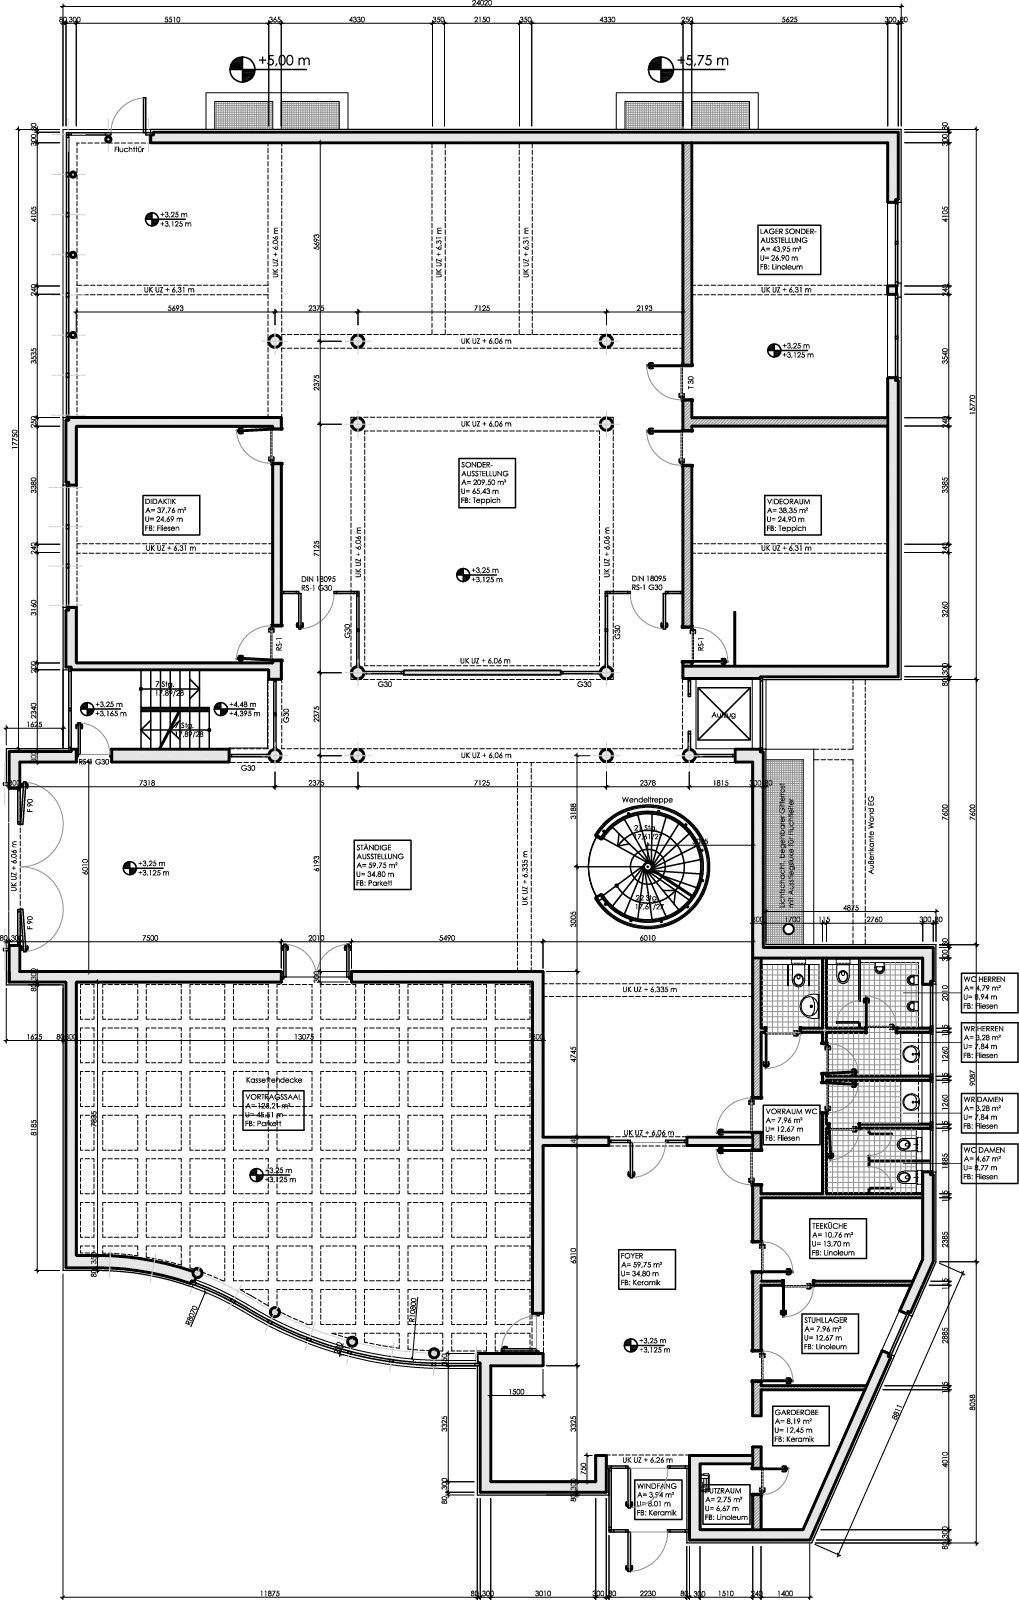 Museum Foyer Grundriss : Porzellanikon veranstaltungssaal hohenberg an der eger